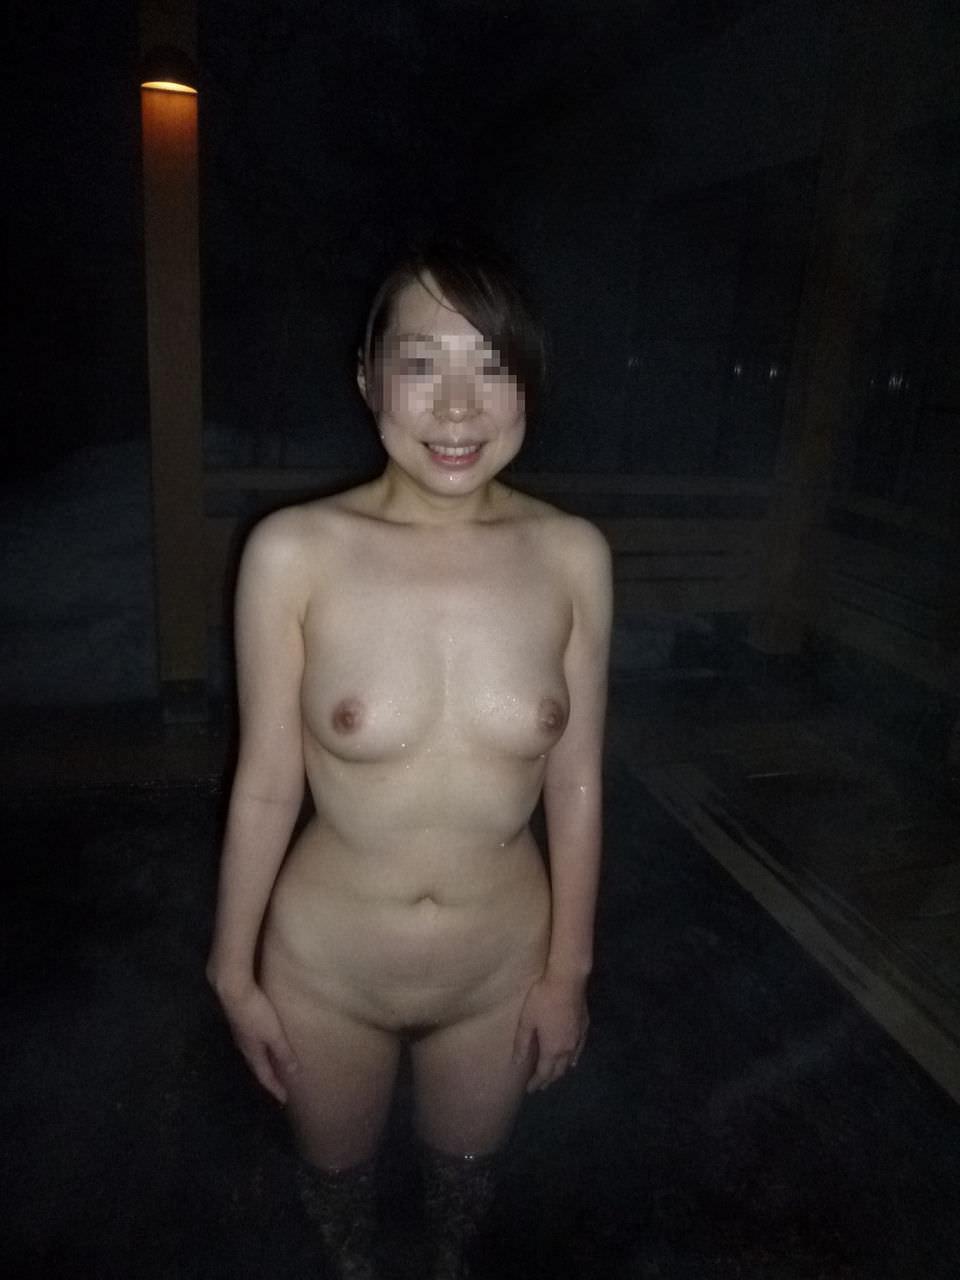 女友達と露天風呂で裸の記念撮影!!!素人ヌード画像がネットで拡散wwwwww 15114